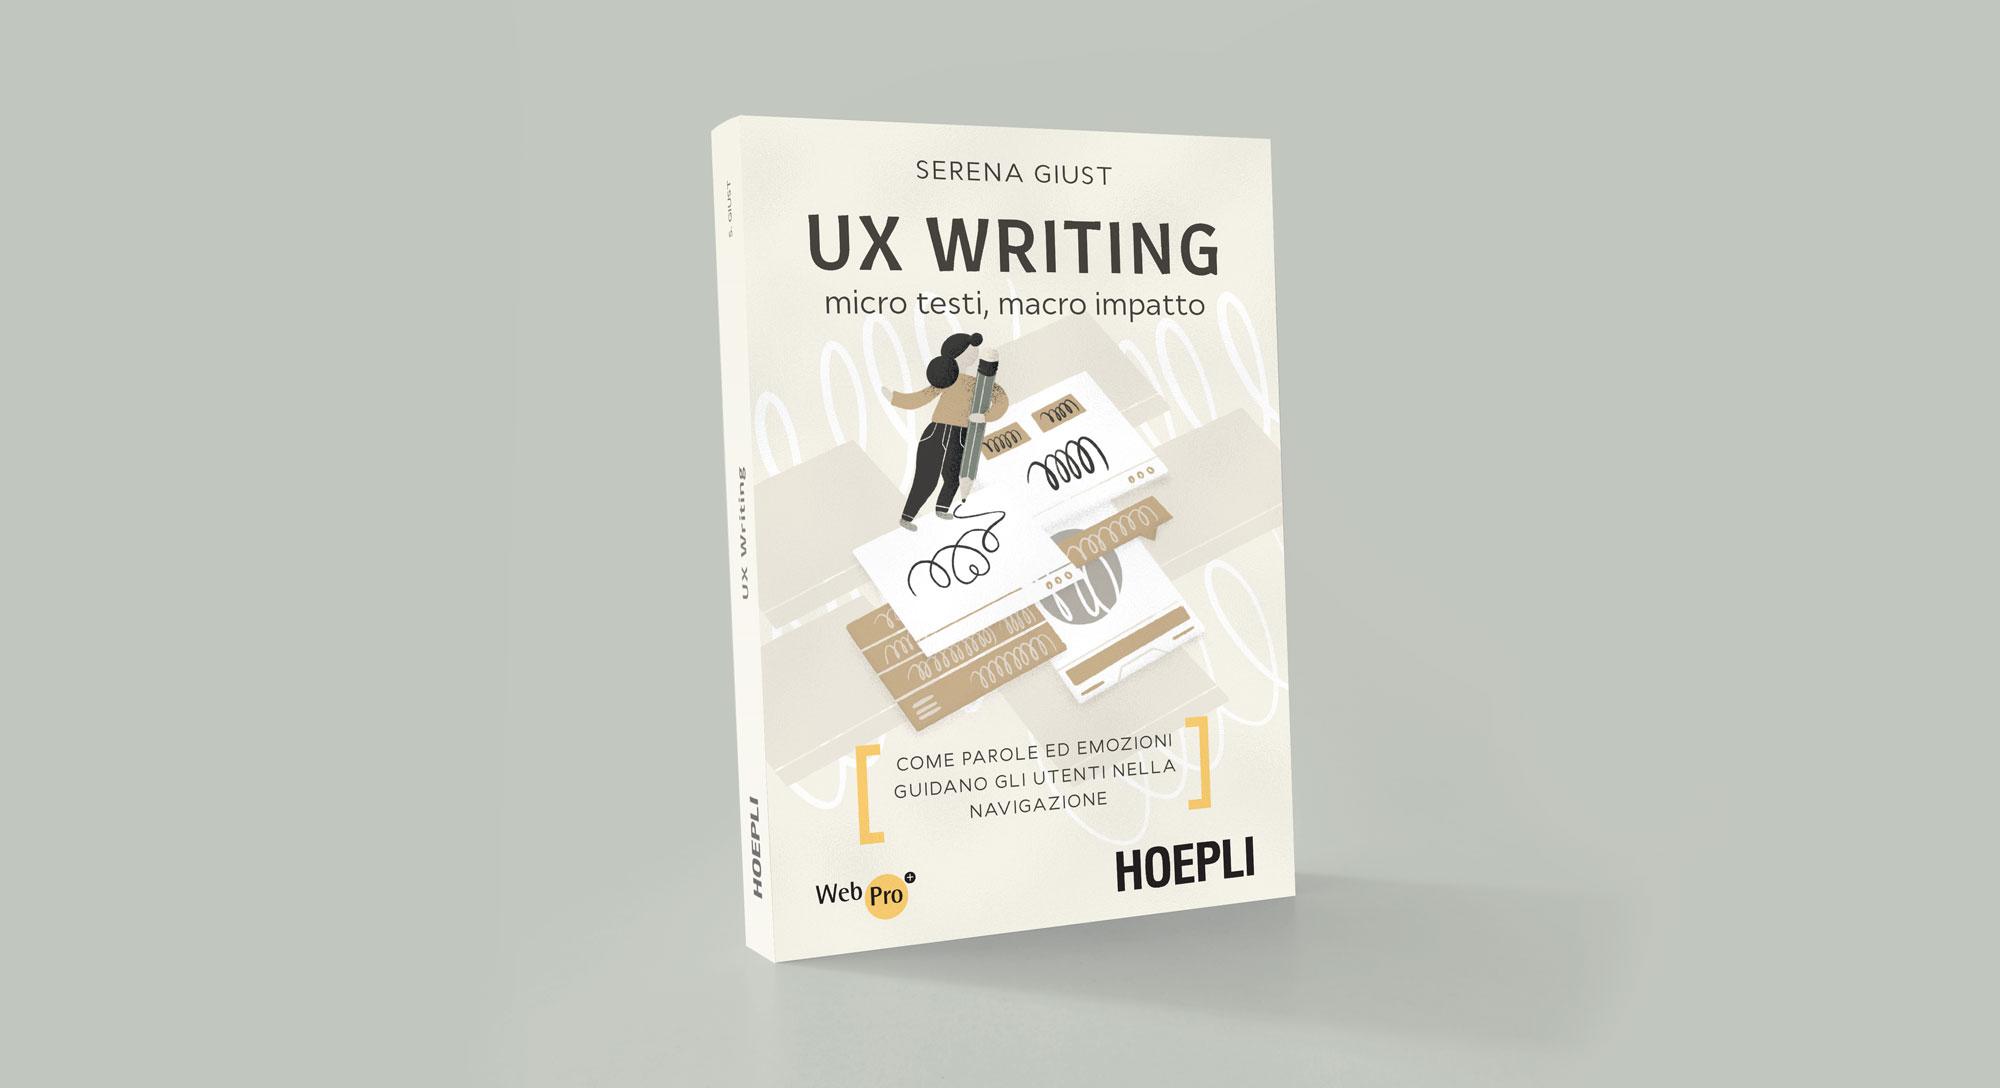 Miel Café Design Portfolio: Illustrazione copertina libro UX Writing per UX Writer Serena Giust